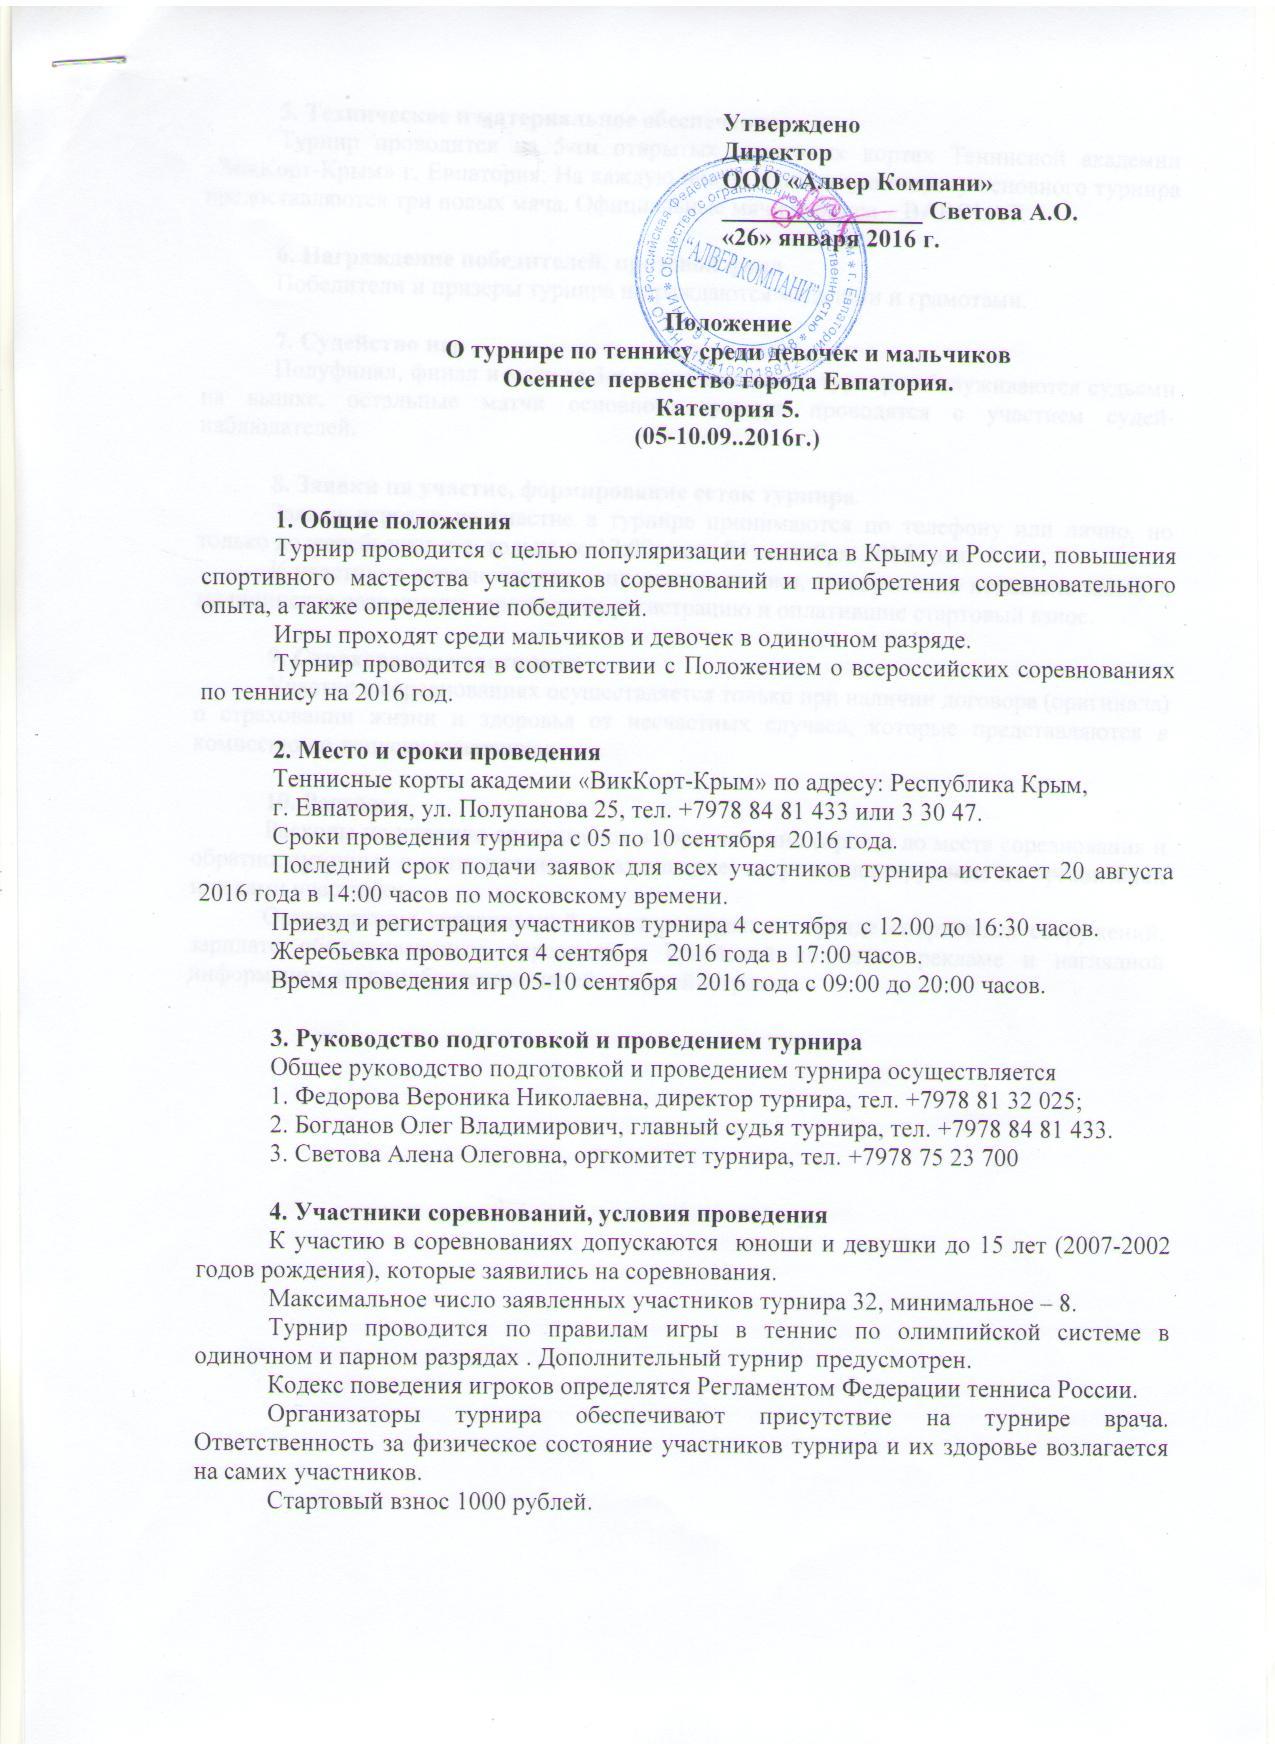 ПОЛОЖЕНИЕ_турнир-0509_1